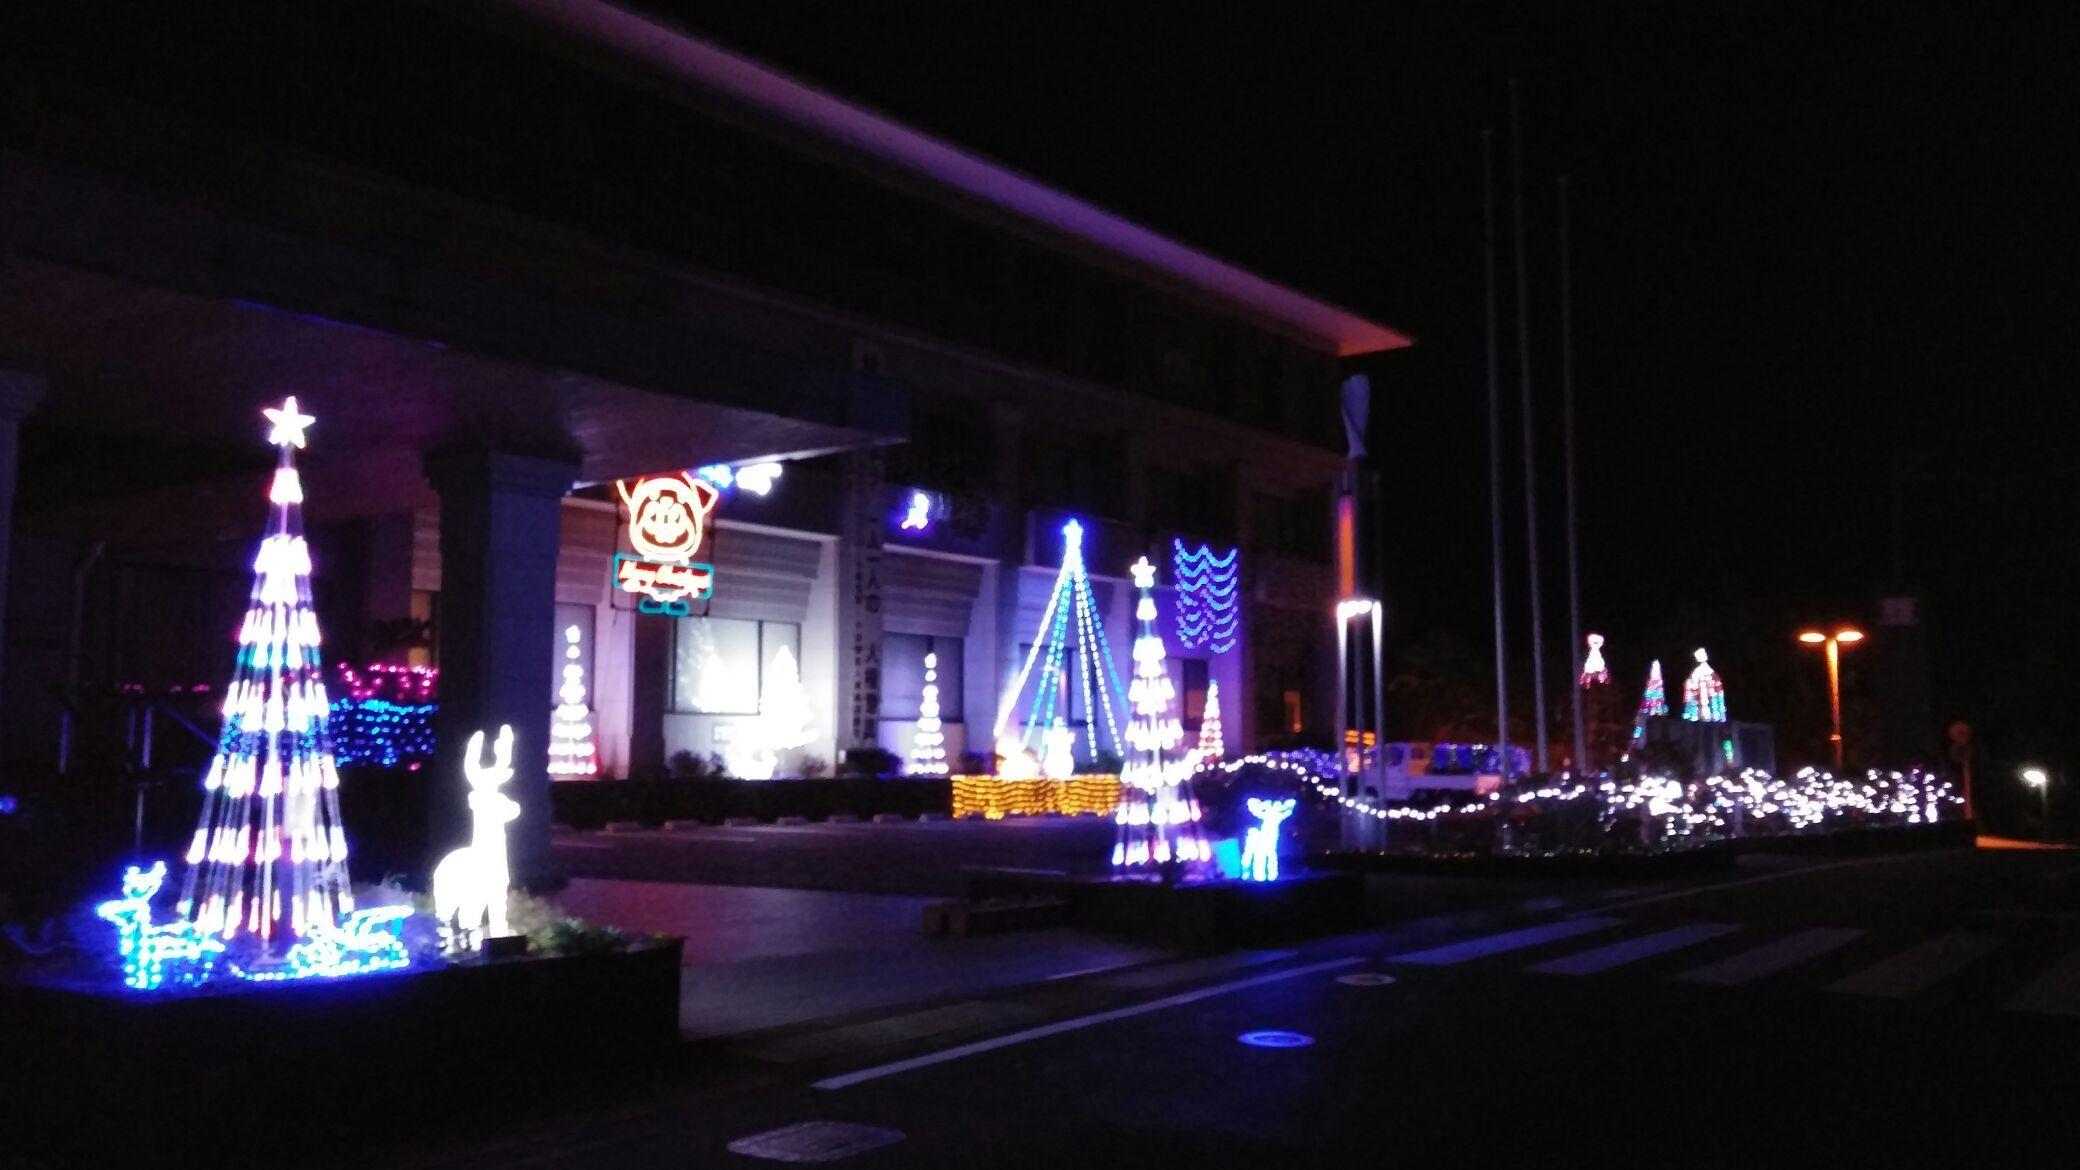 小値賀島で素敵なイルミネーションが点灯!!